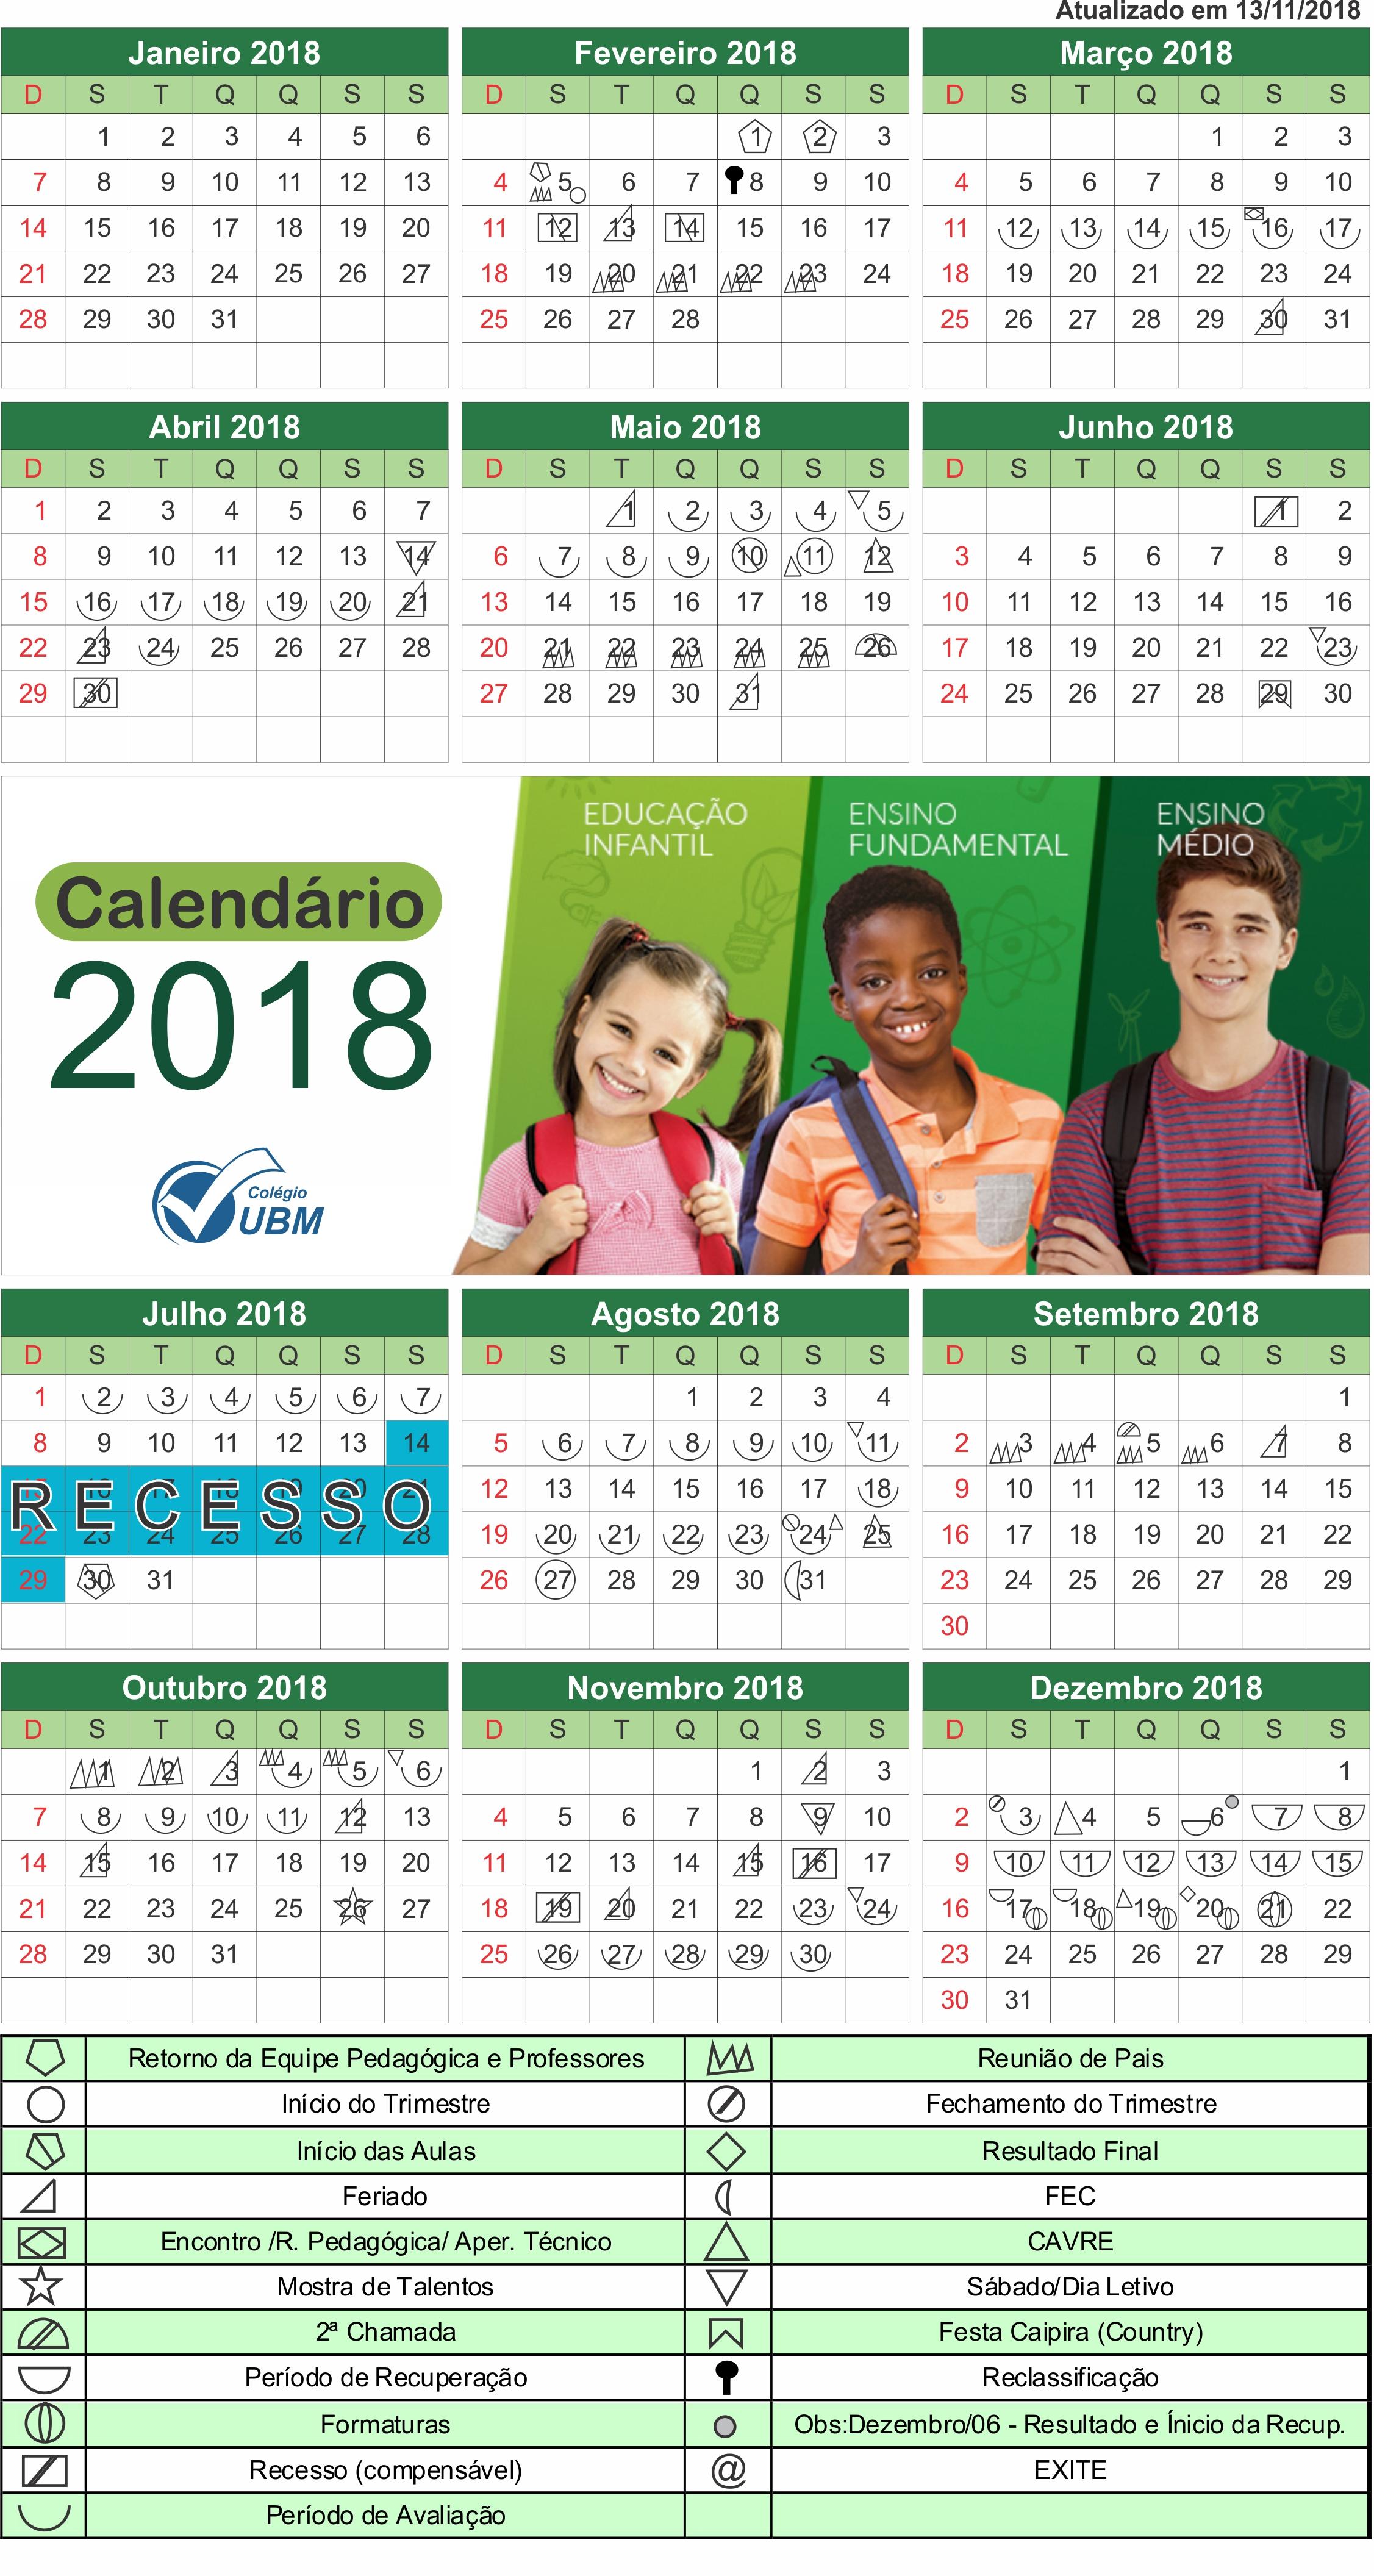 Calendário de Símbolos 2018